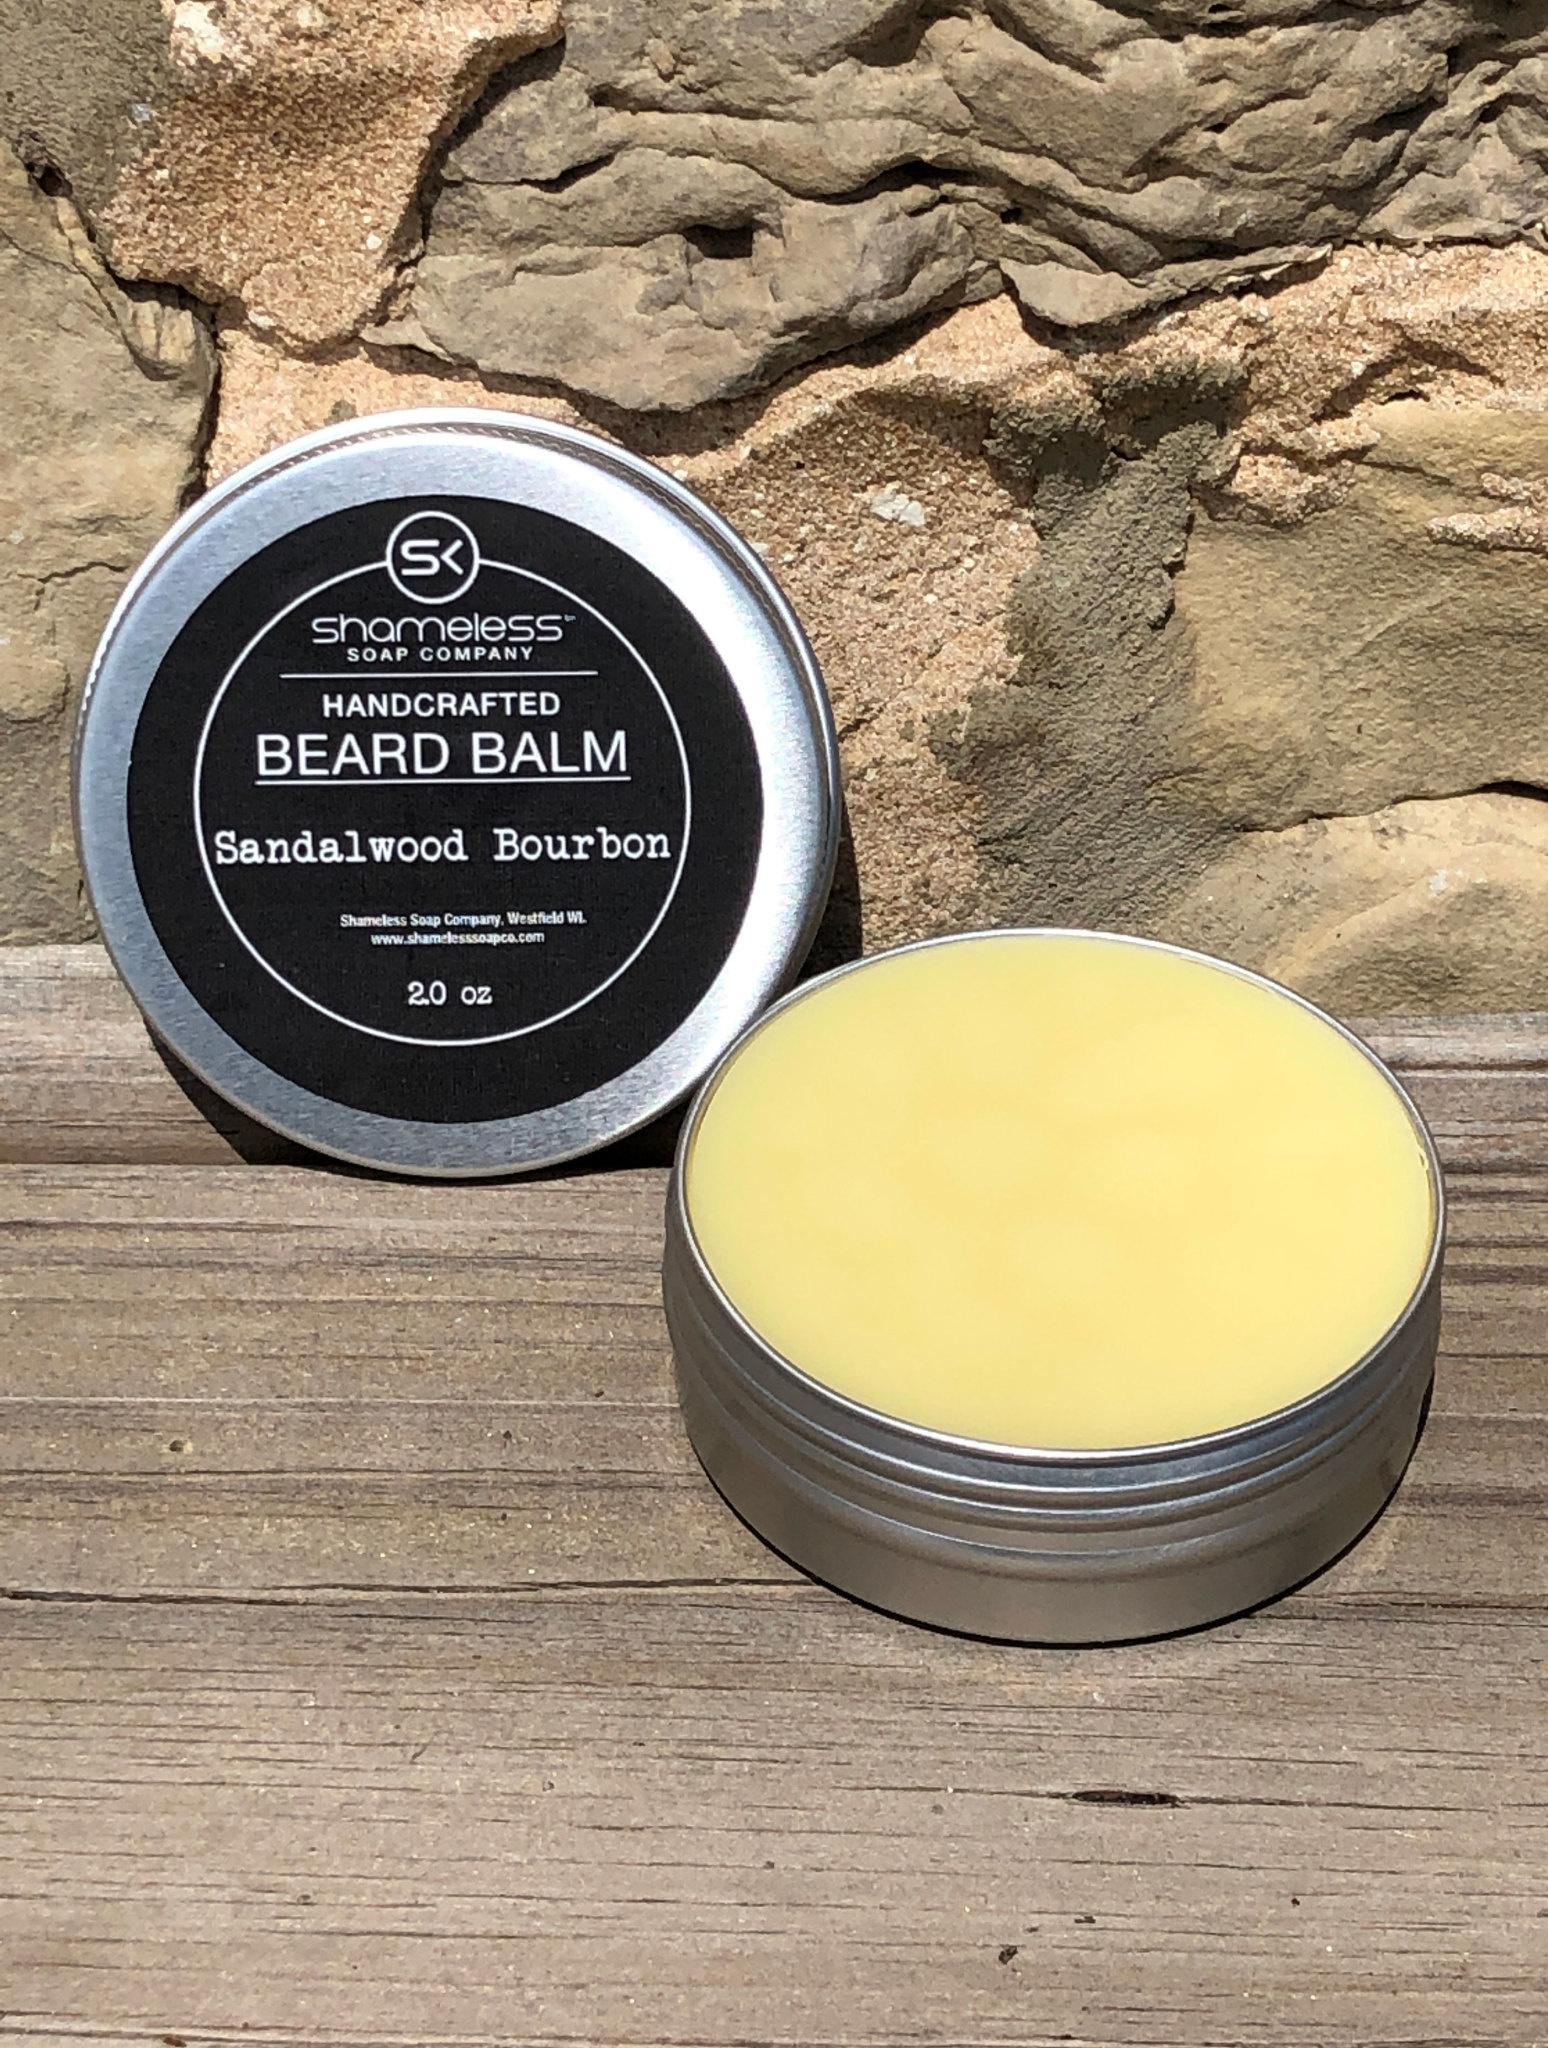 Shameless Soap Co Sandalwood Bourbon Beard Balm